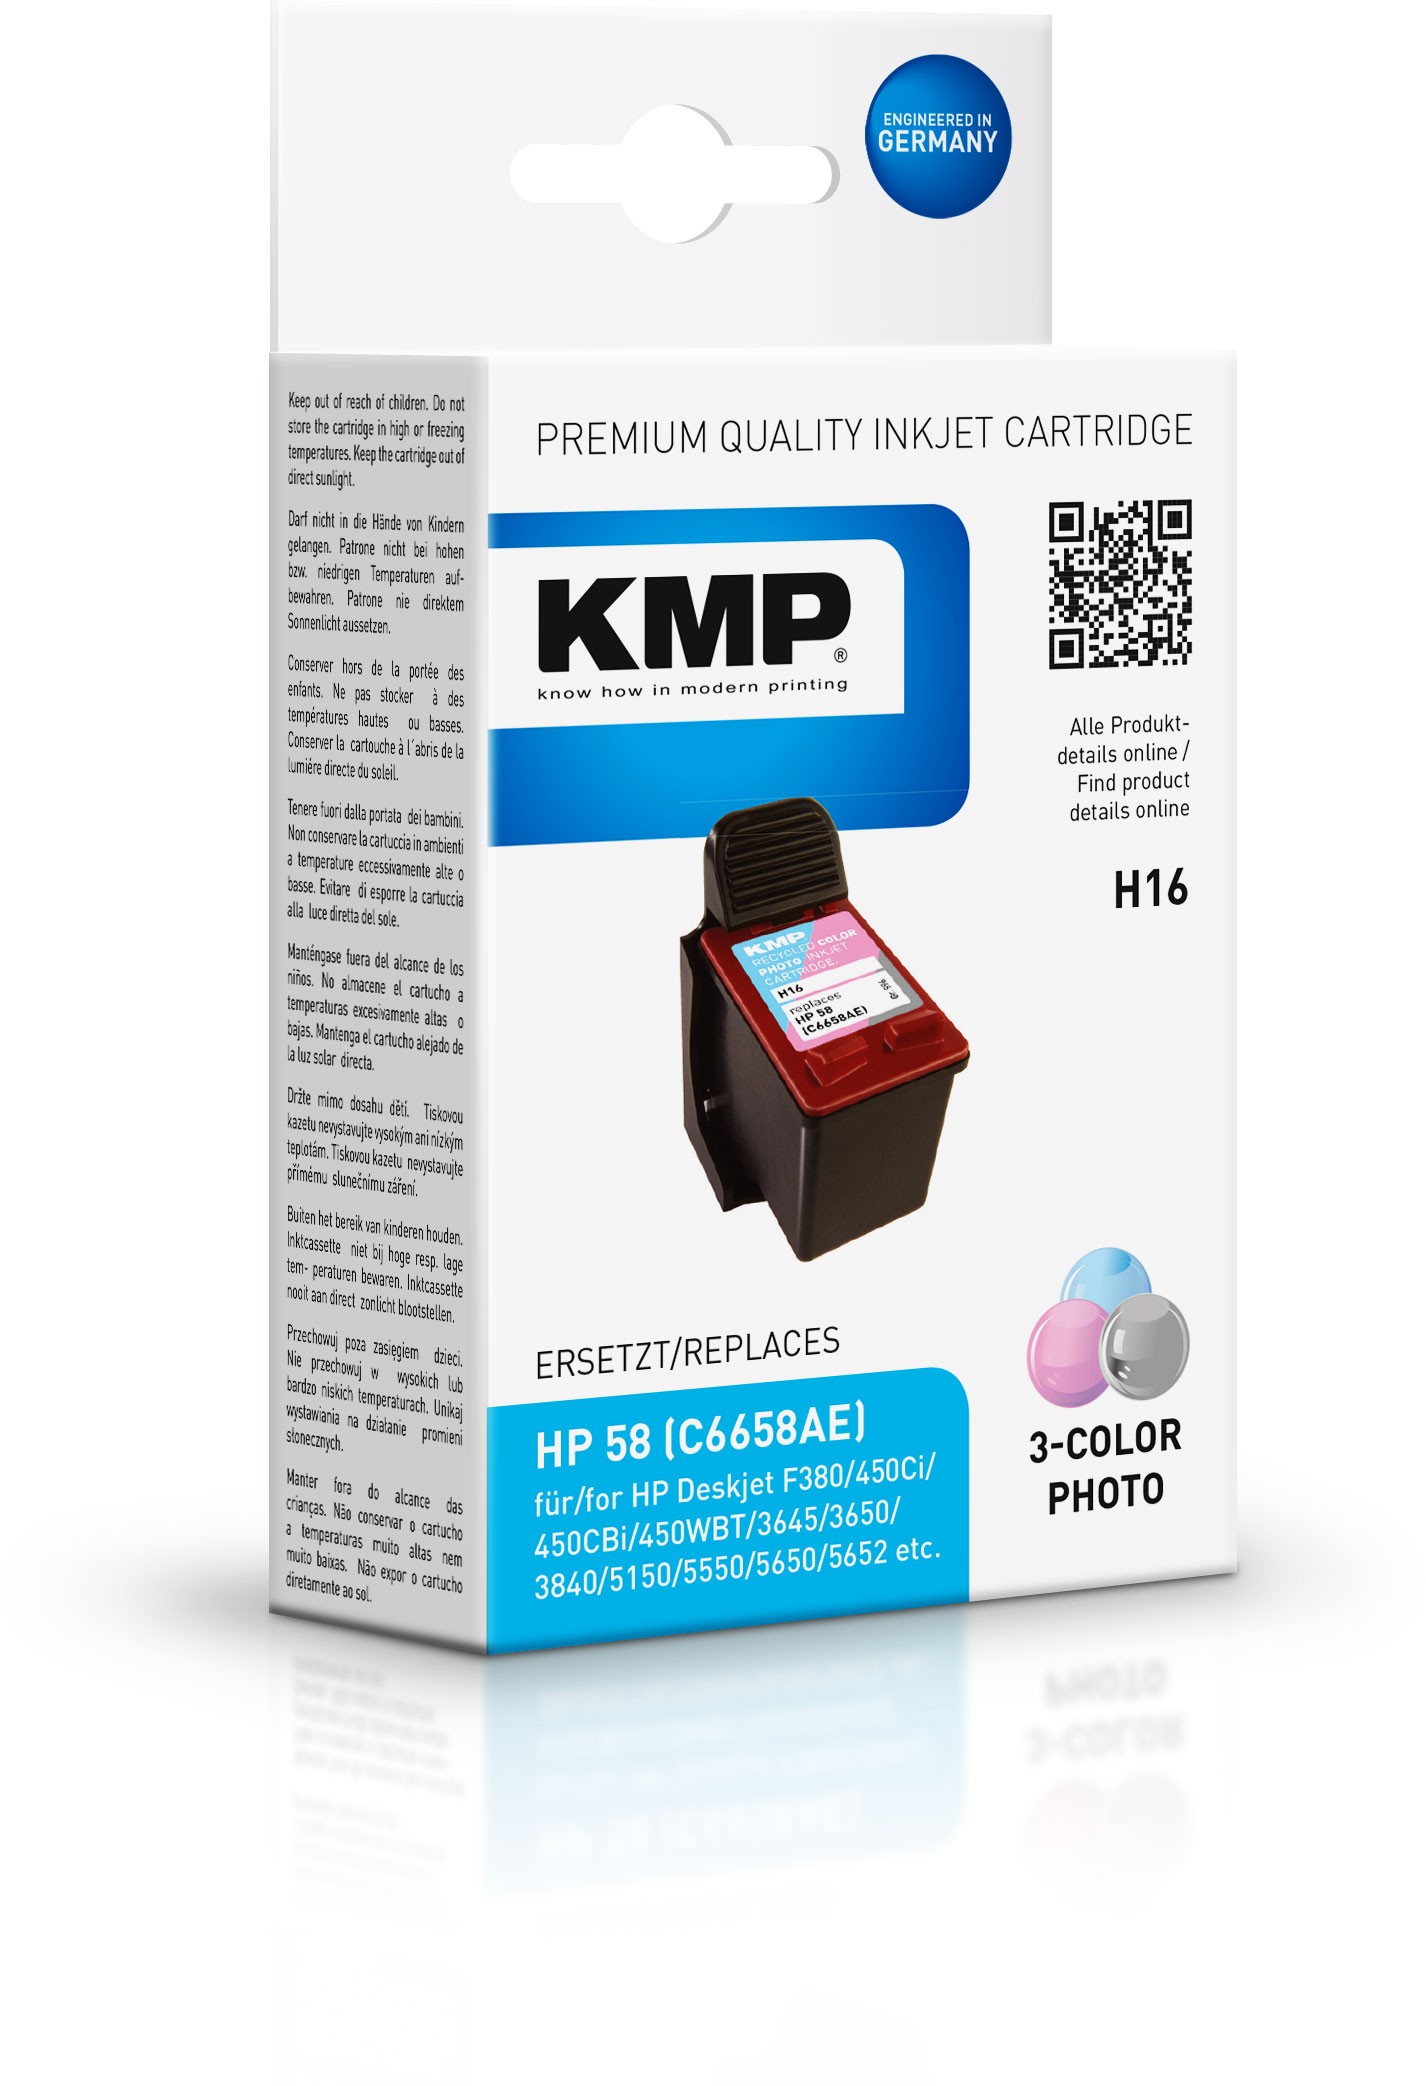 Vorschau: KMP Patrone H16 komp. zu HP 58 C6658AE DeskJet 5550 5850 foto